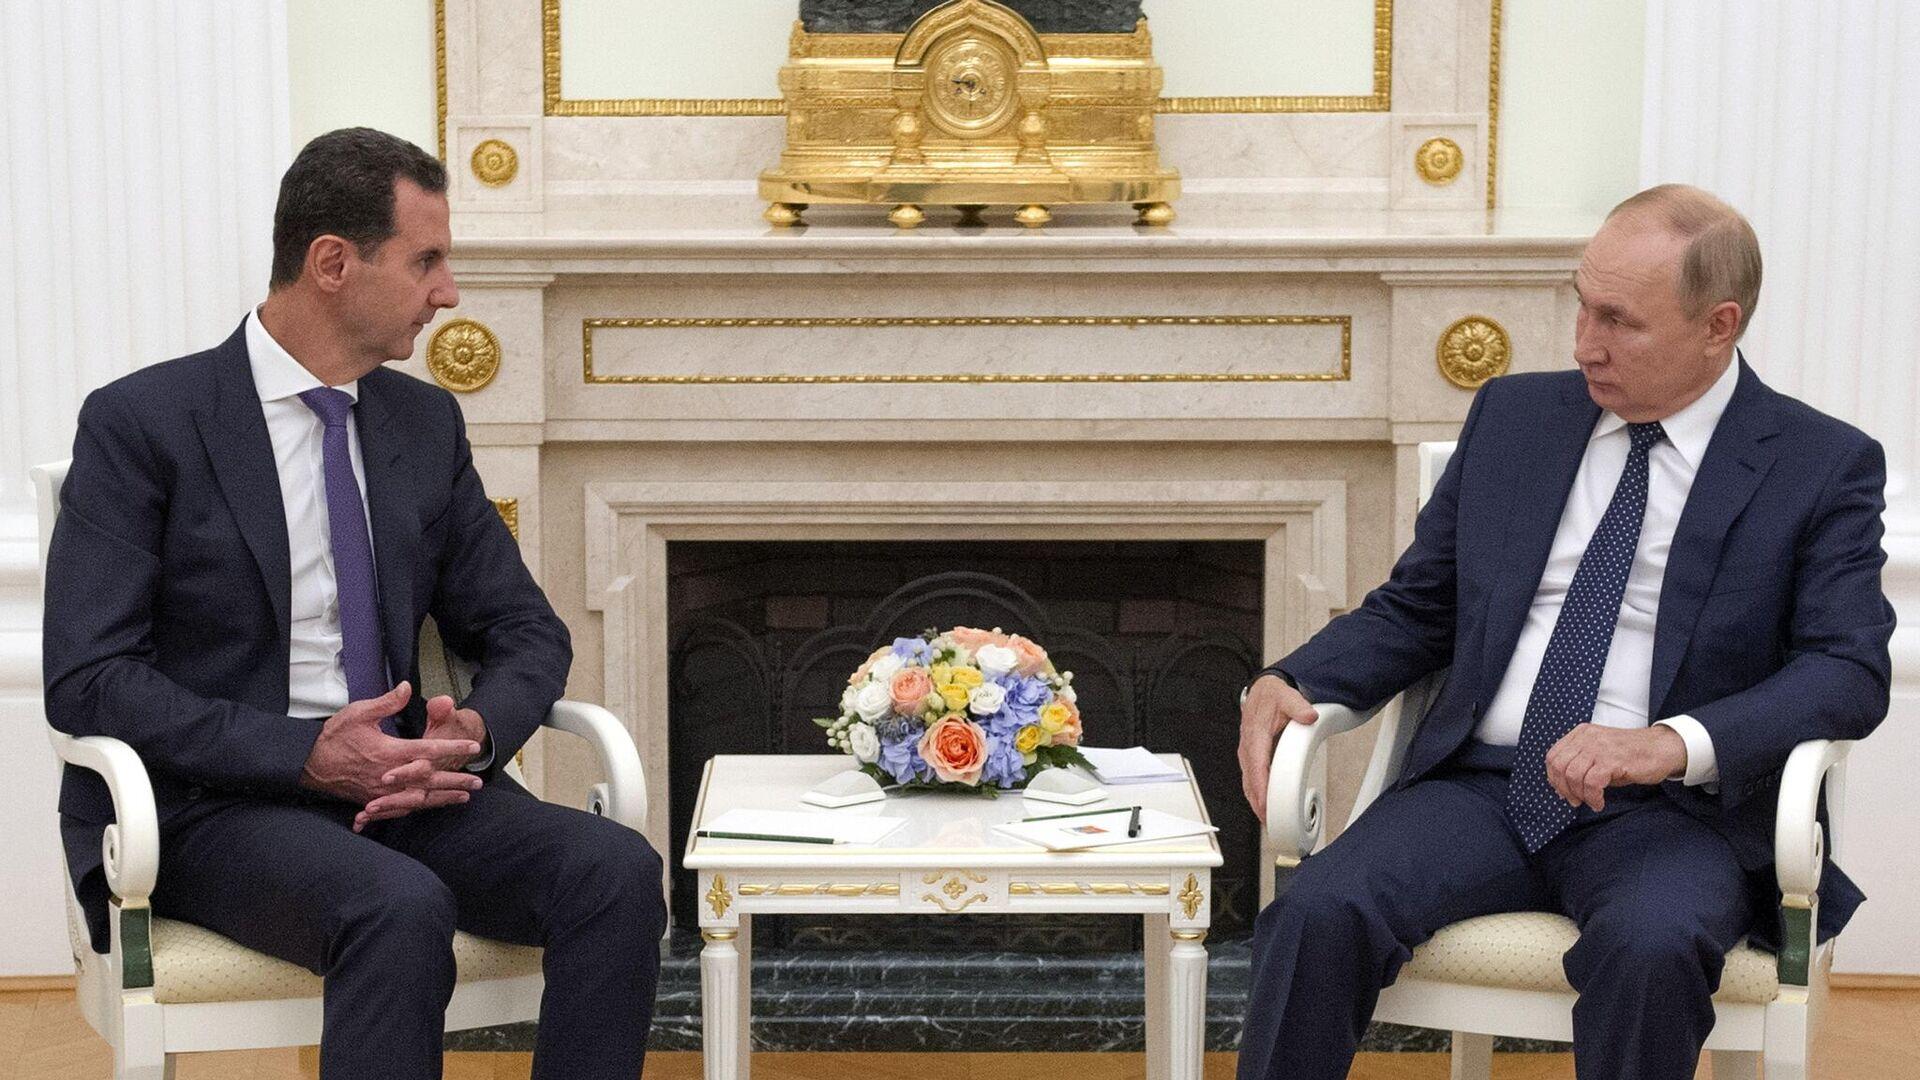 Президент РФ Владимир Путин и президент Сирии Башар Асад во время встречи в Москве - РИА Новости, 1920, 14.09.2021